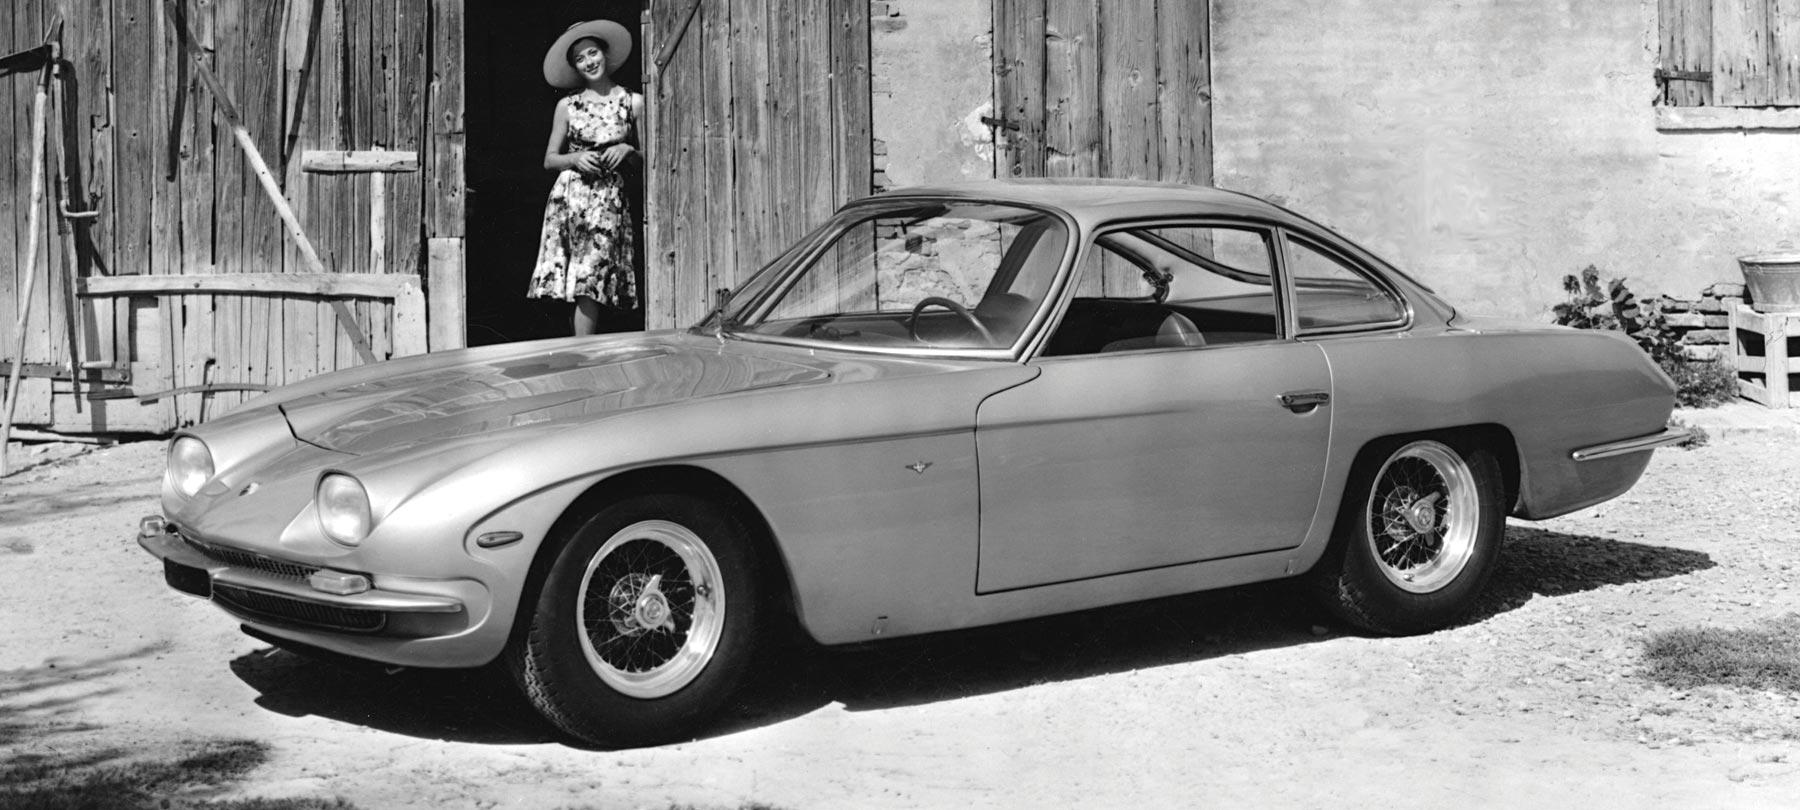 Lamborghini 400 GT. Year: 1964